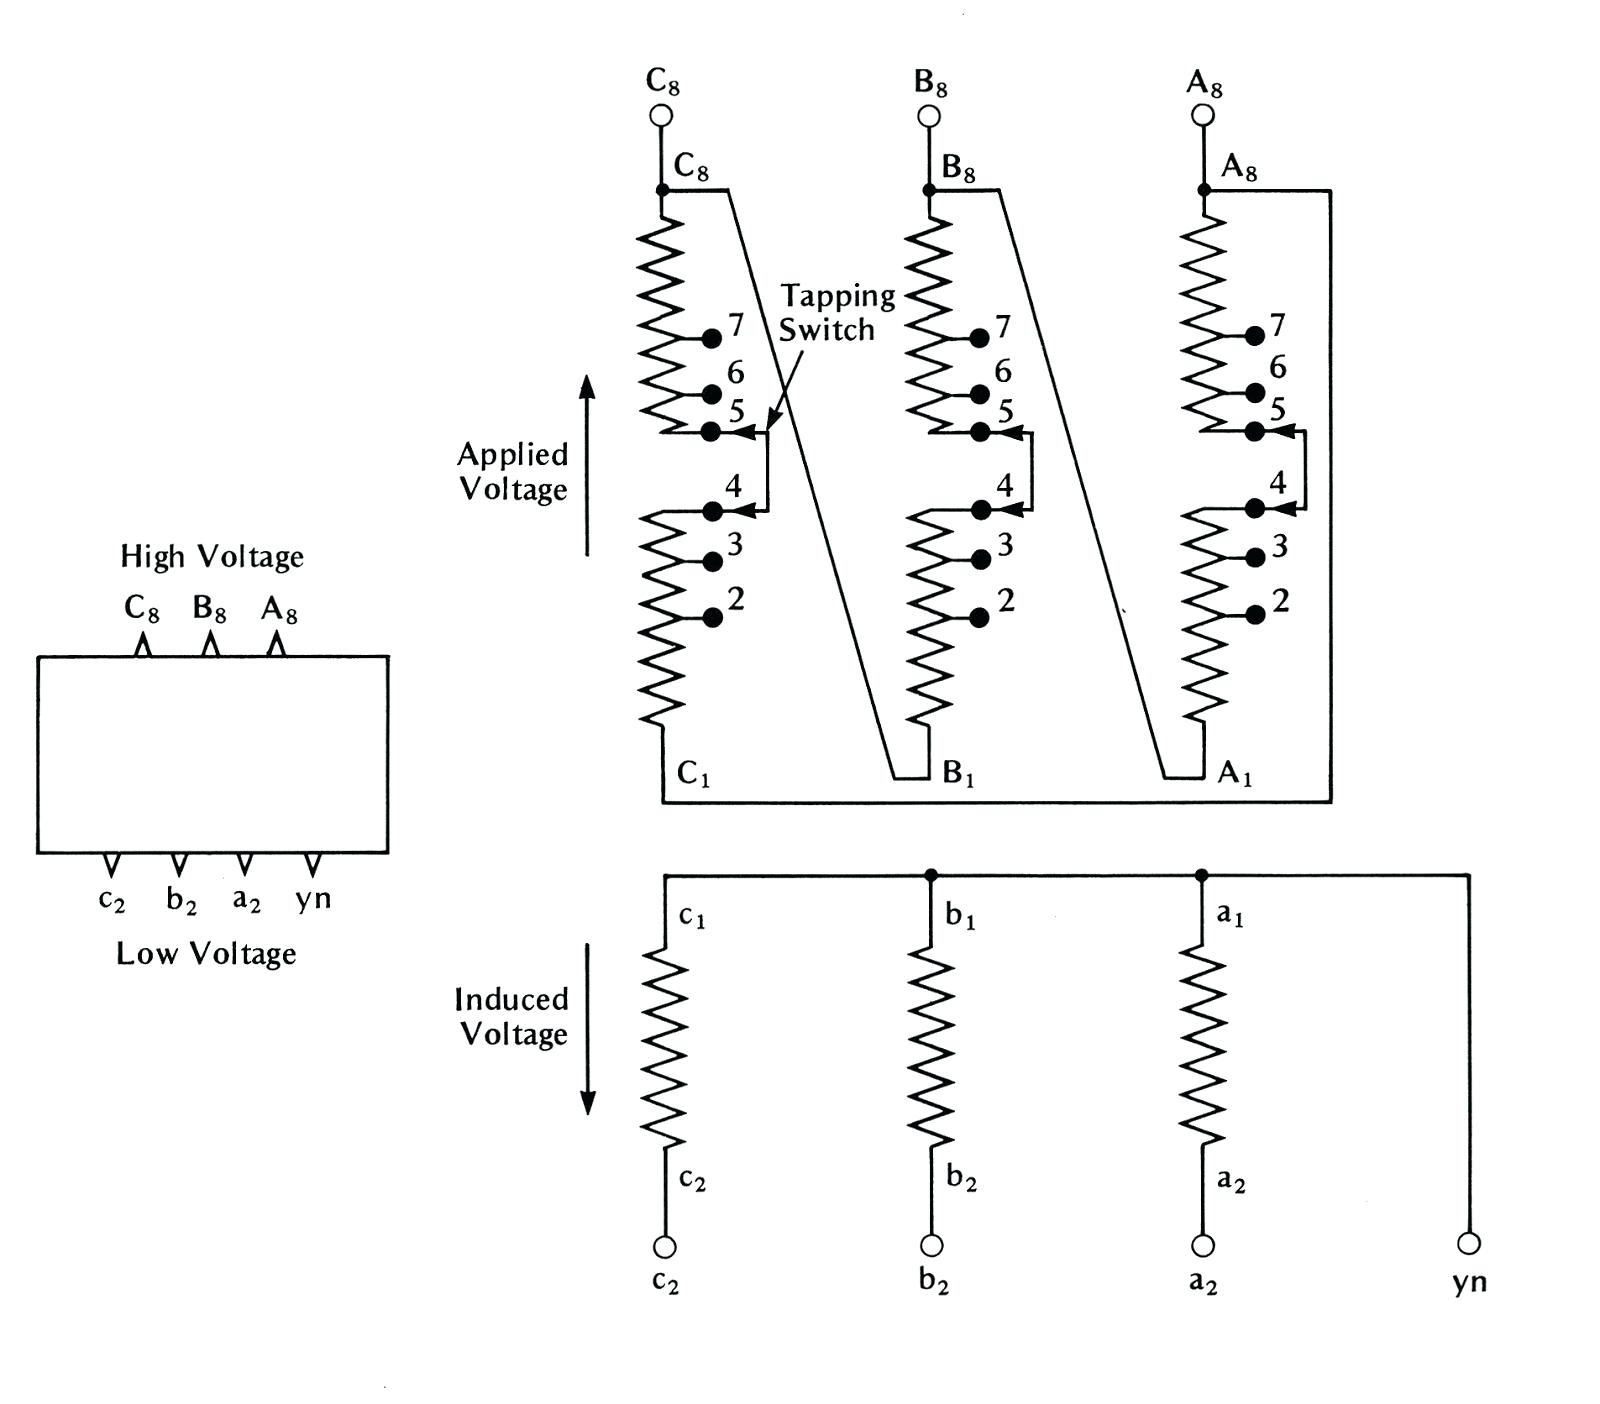 kva transformer square d wiring diagram free download wiring diagram